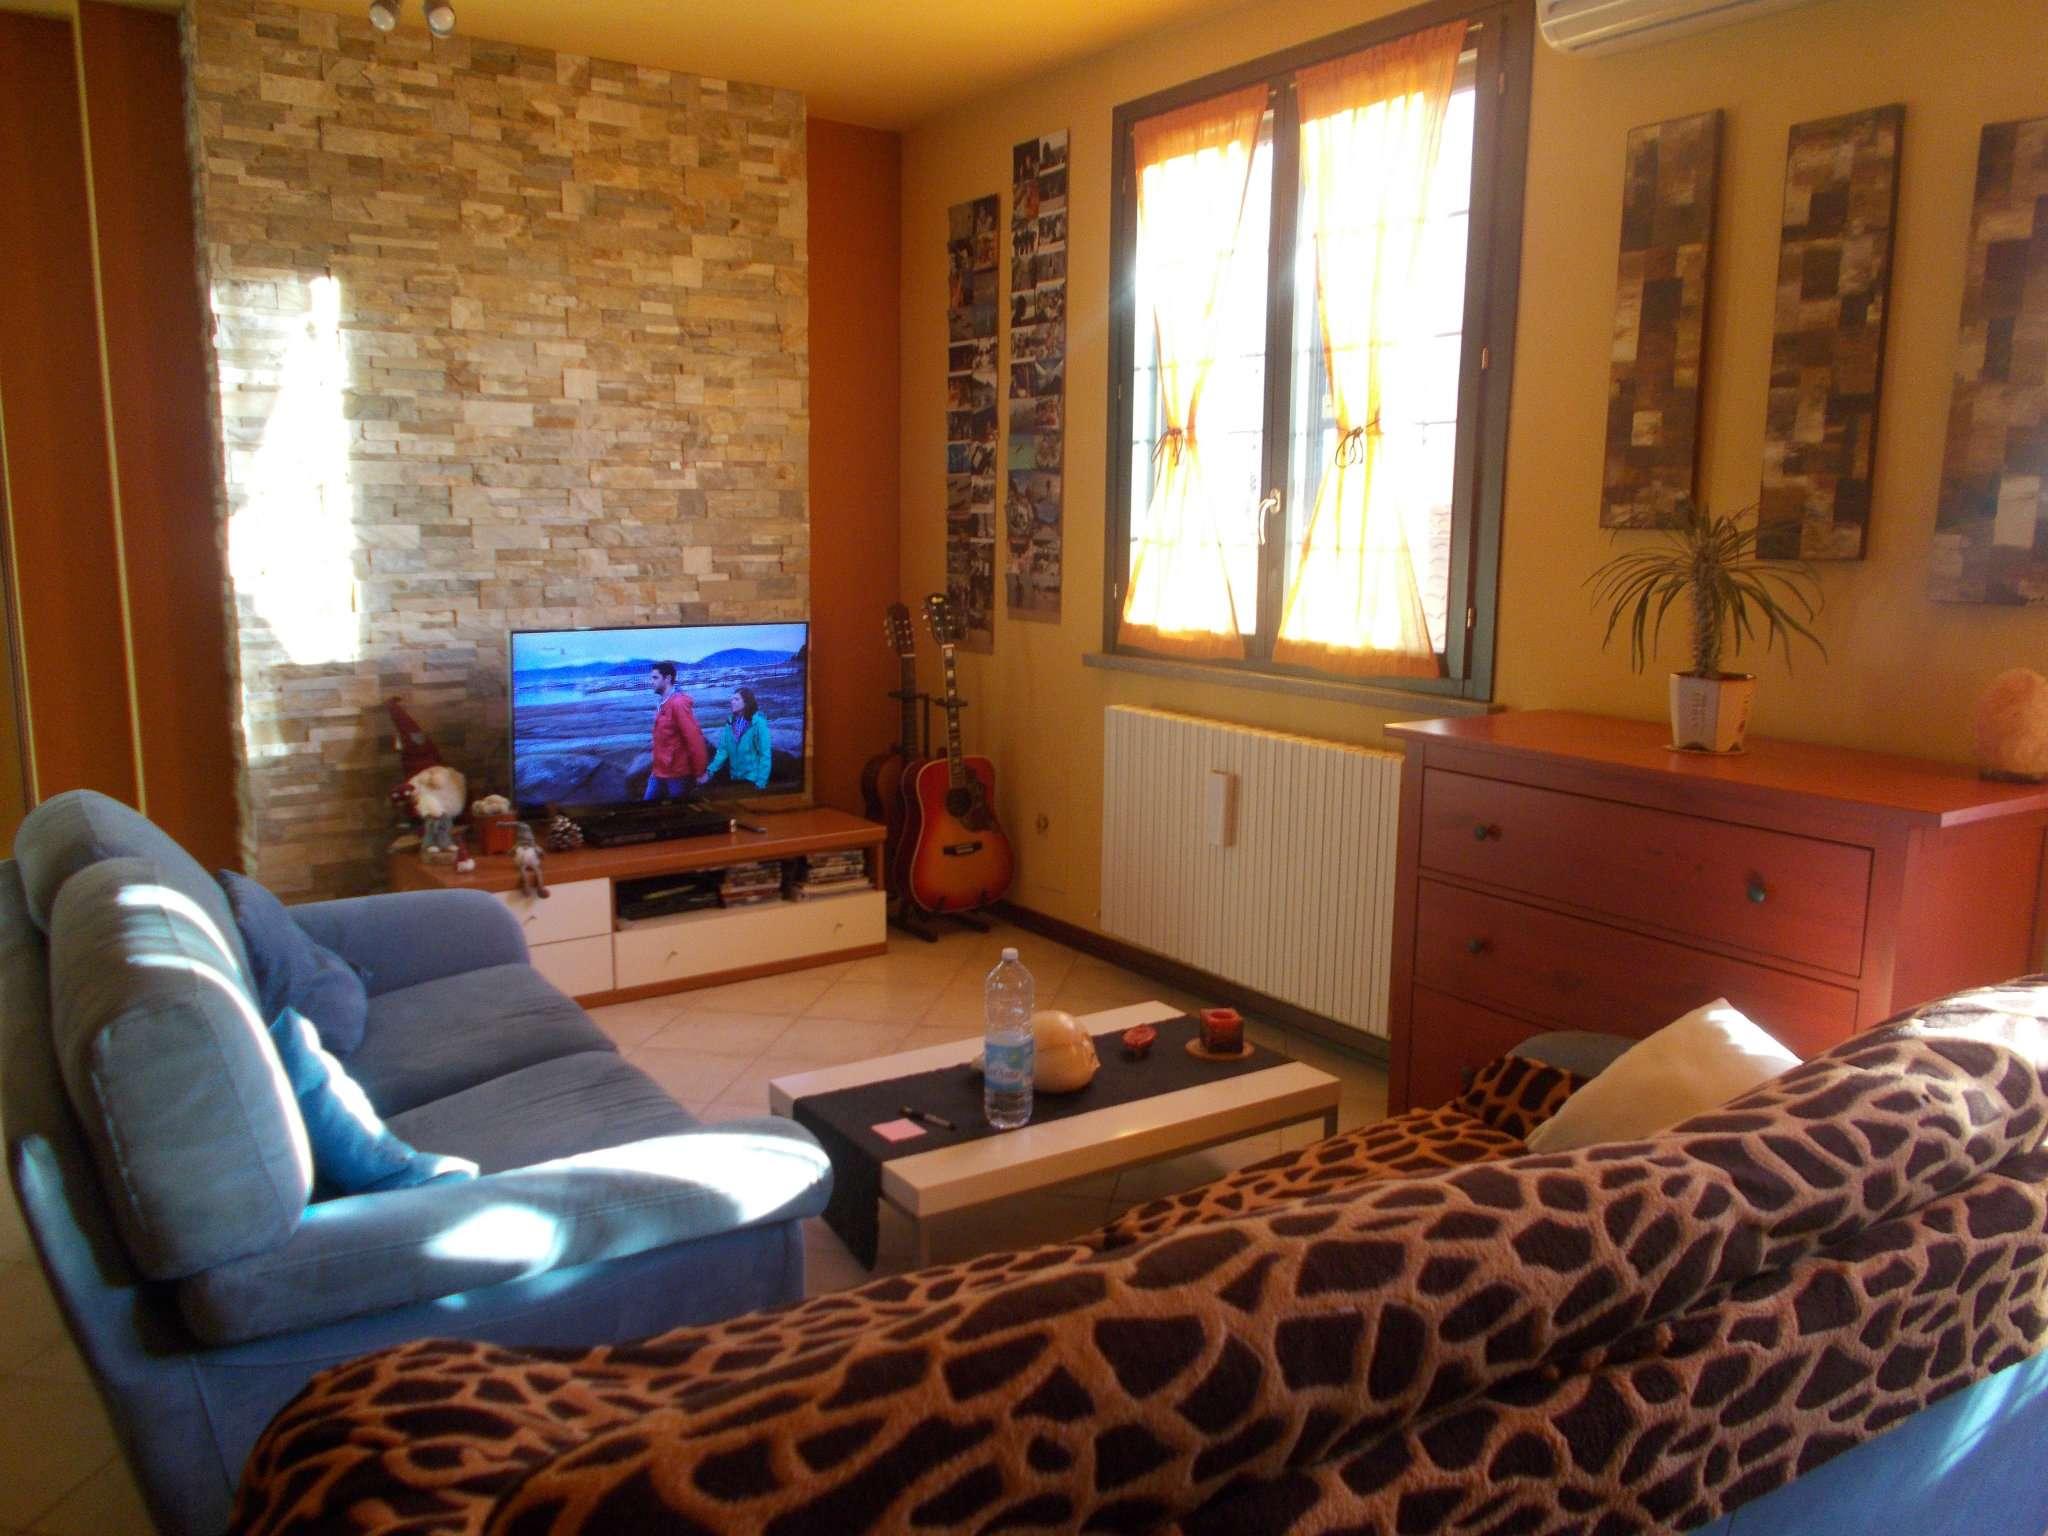 Appartamento in vendita a Quattro Castella, 2 locali, prezzo € 135.000 | Cambio Casa.it